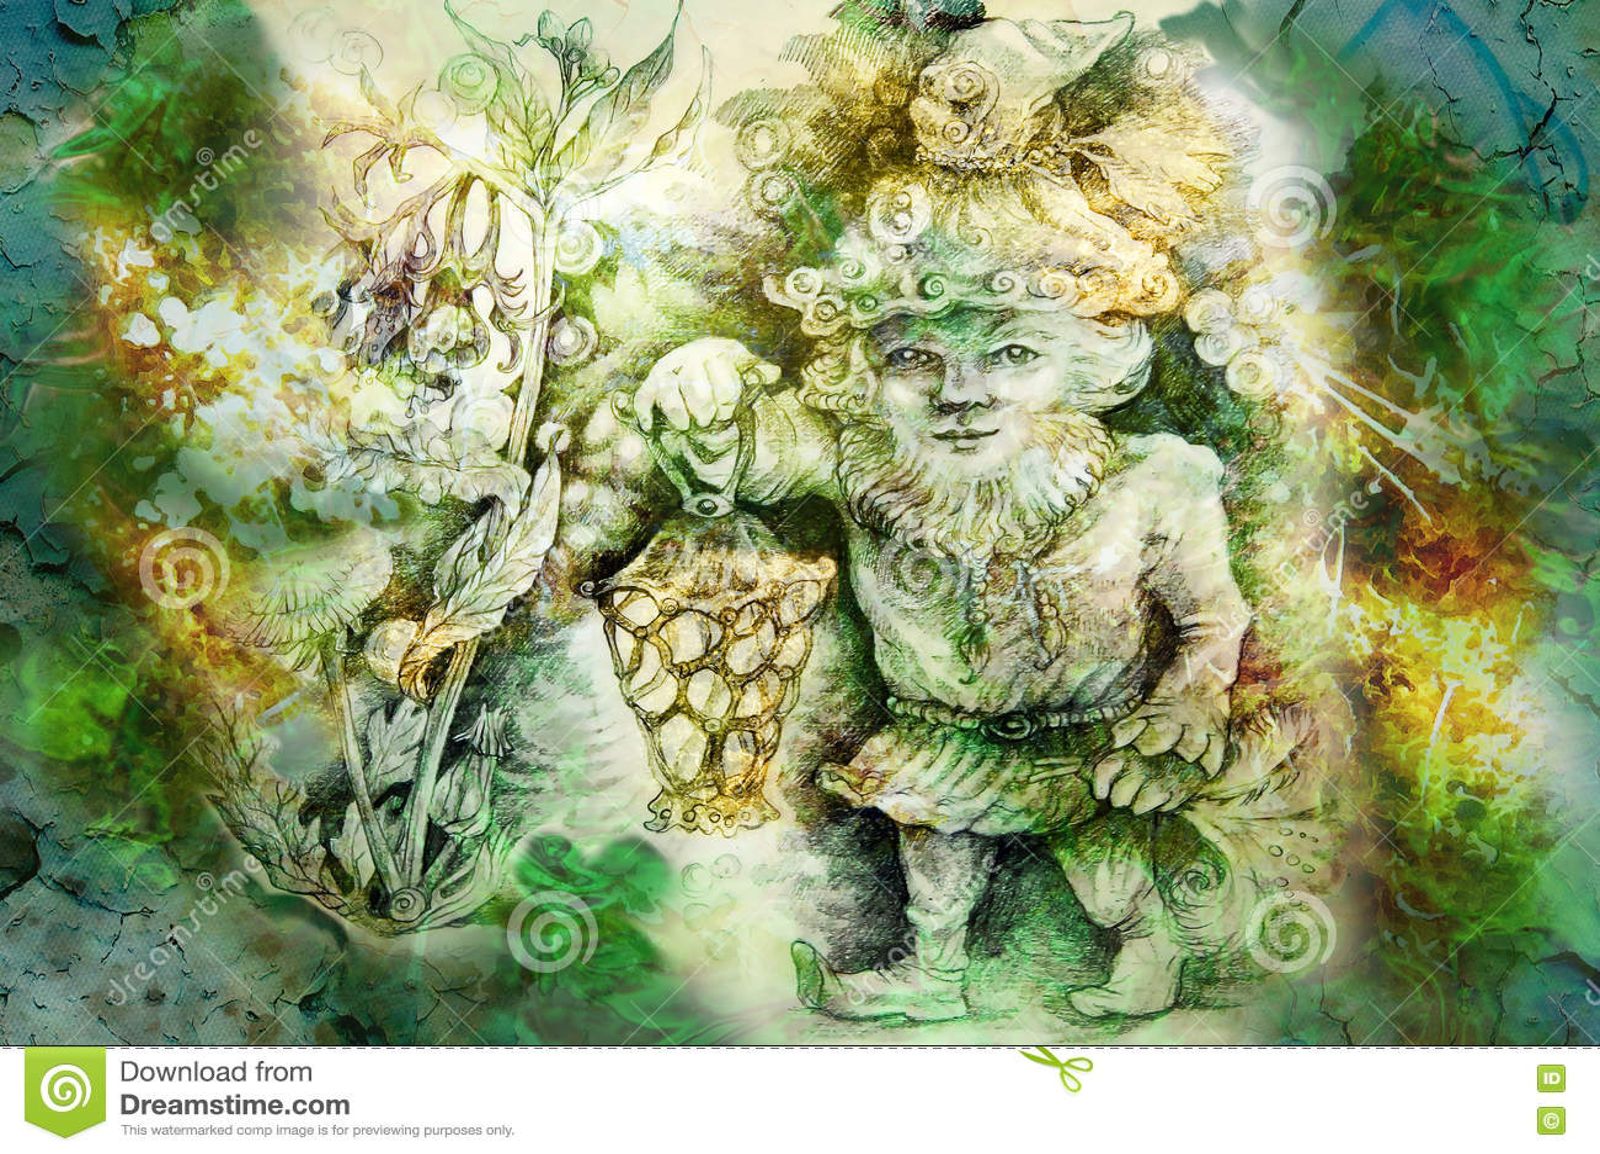 Dessin de nain de jardin avec la lanterne et les herbes for Achat nain de jardin